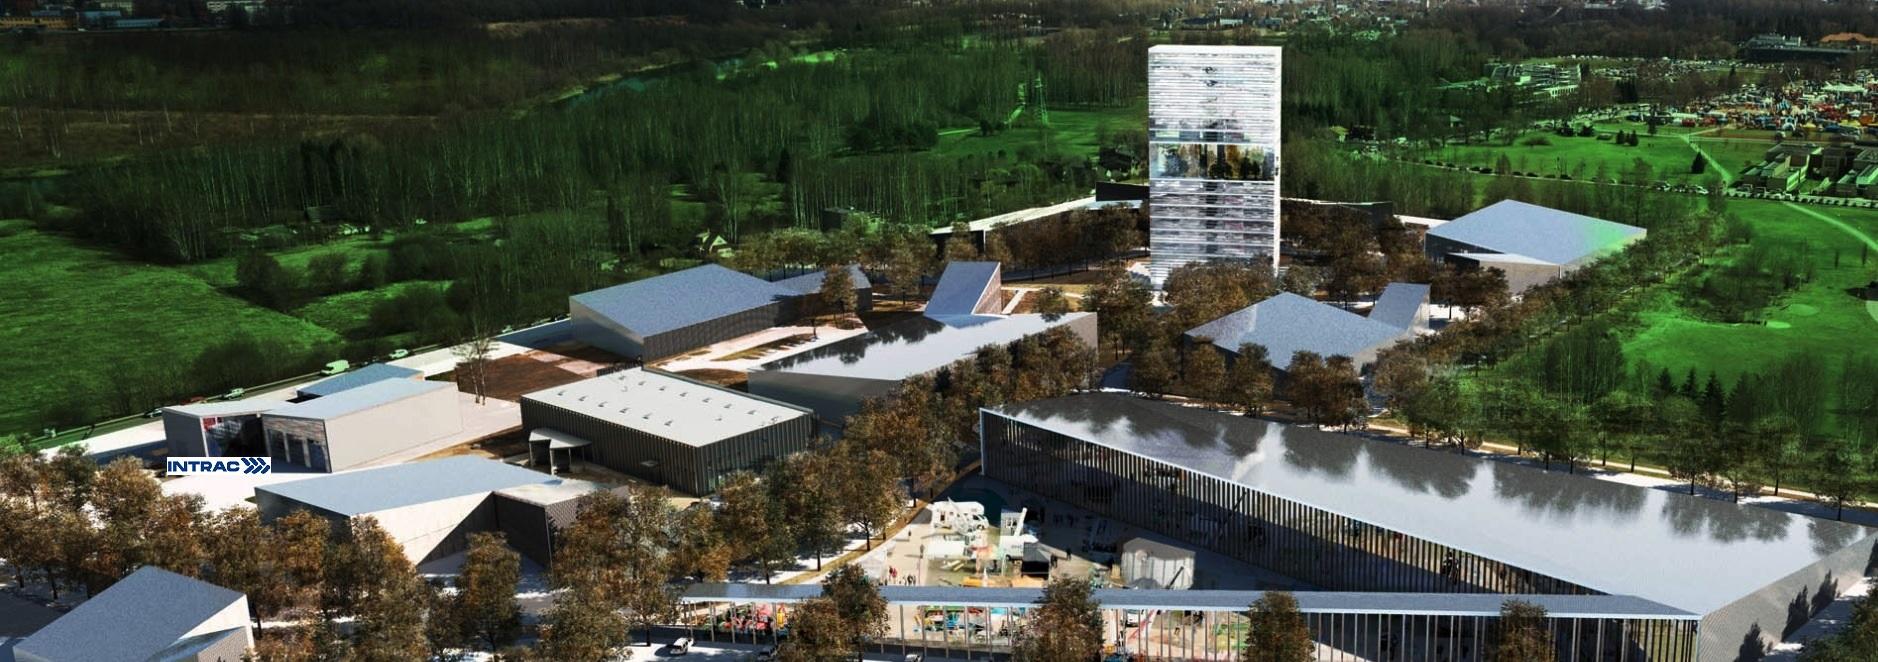 INTRACi Tartu esindus kolis Rohelisse Parki! Uueks aadressiks on Roheline tn 13, Tähtvere.